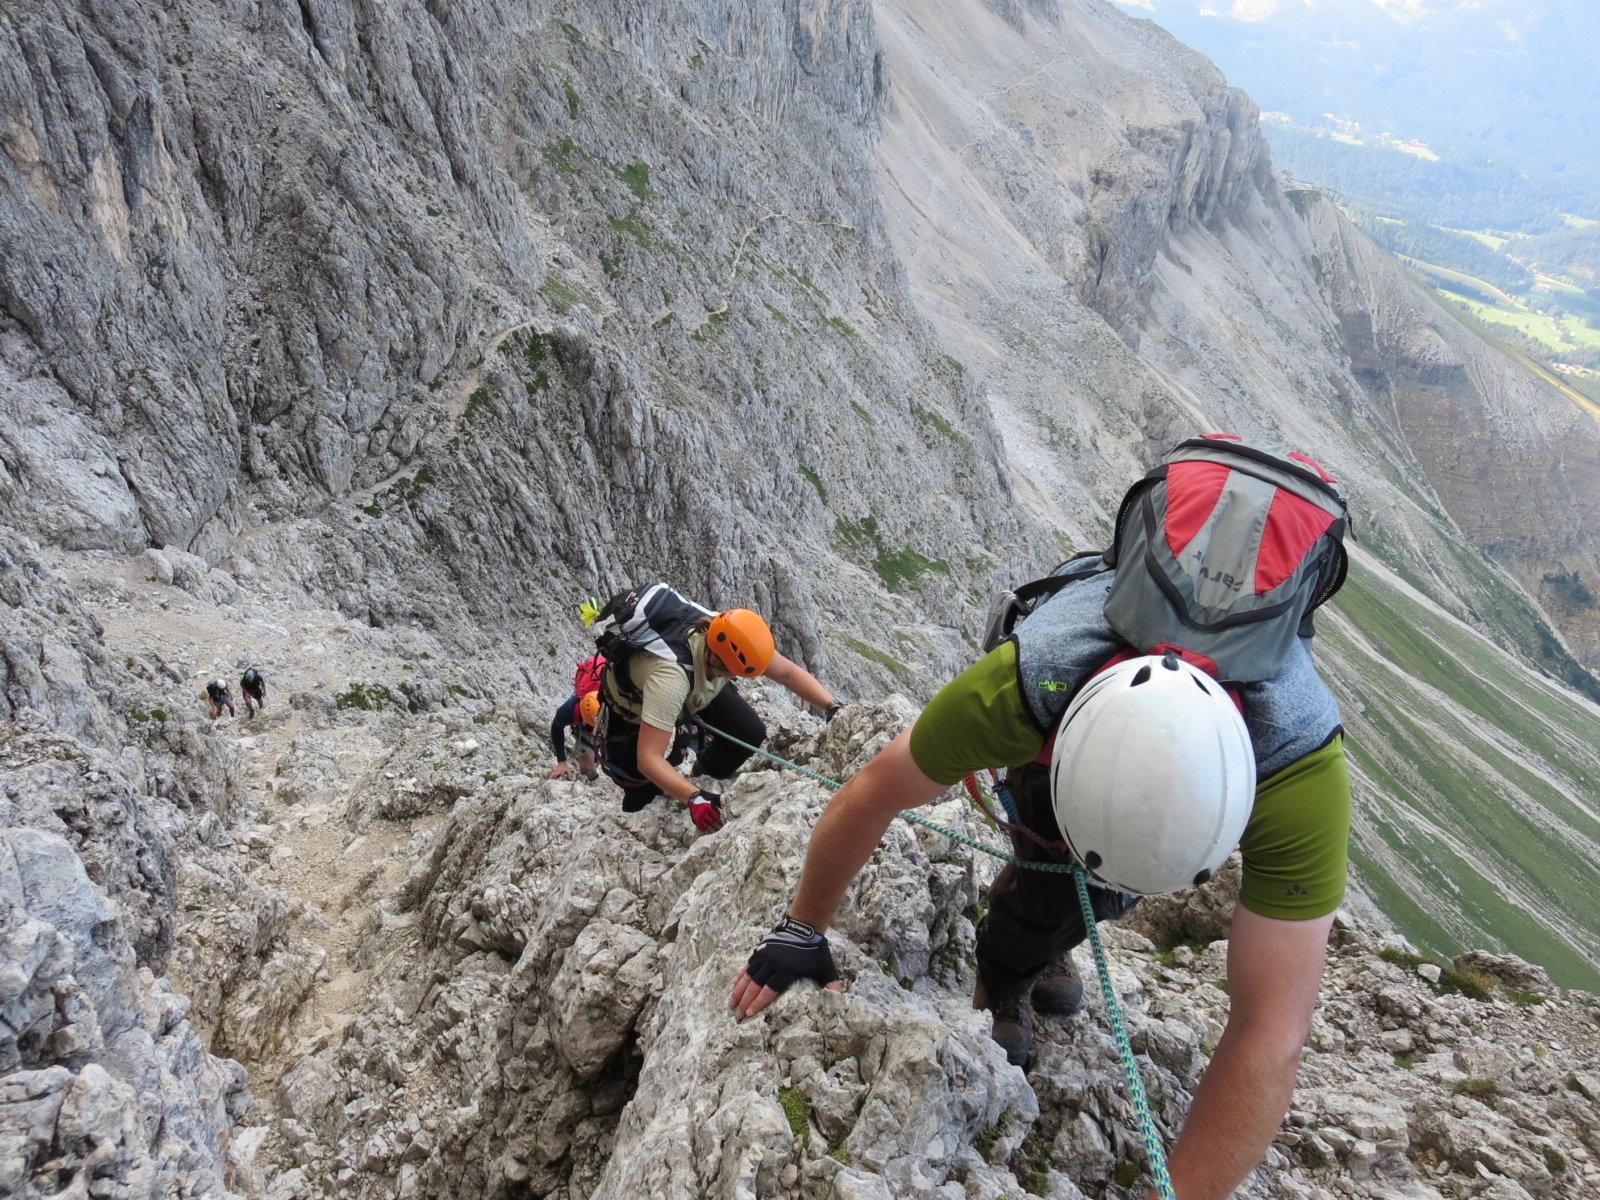 Klettersteig Rosengarten : Santner klettersteig in der rosengartengruppe